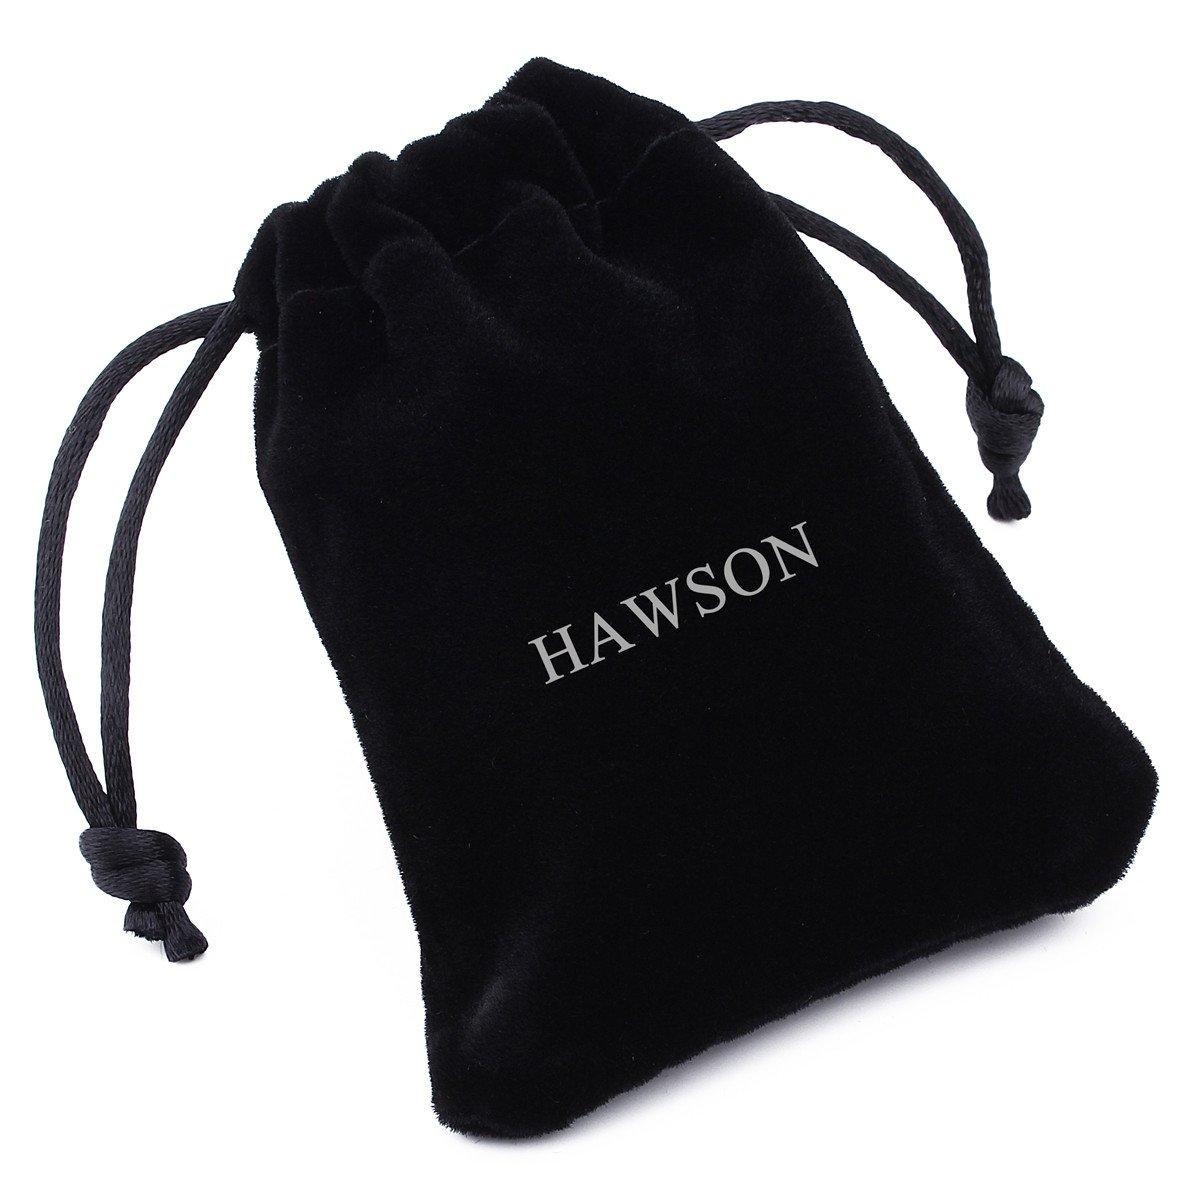 Conjunto de gemelos y botones con forma de calavera para personalizar camisas de hombre de HAWSON un divertido regalo para Halloween